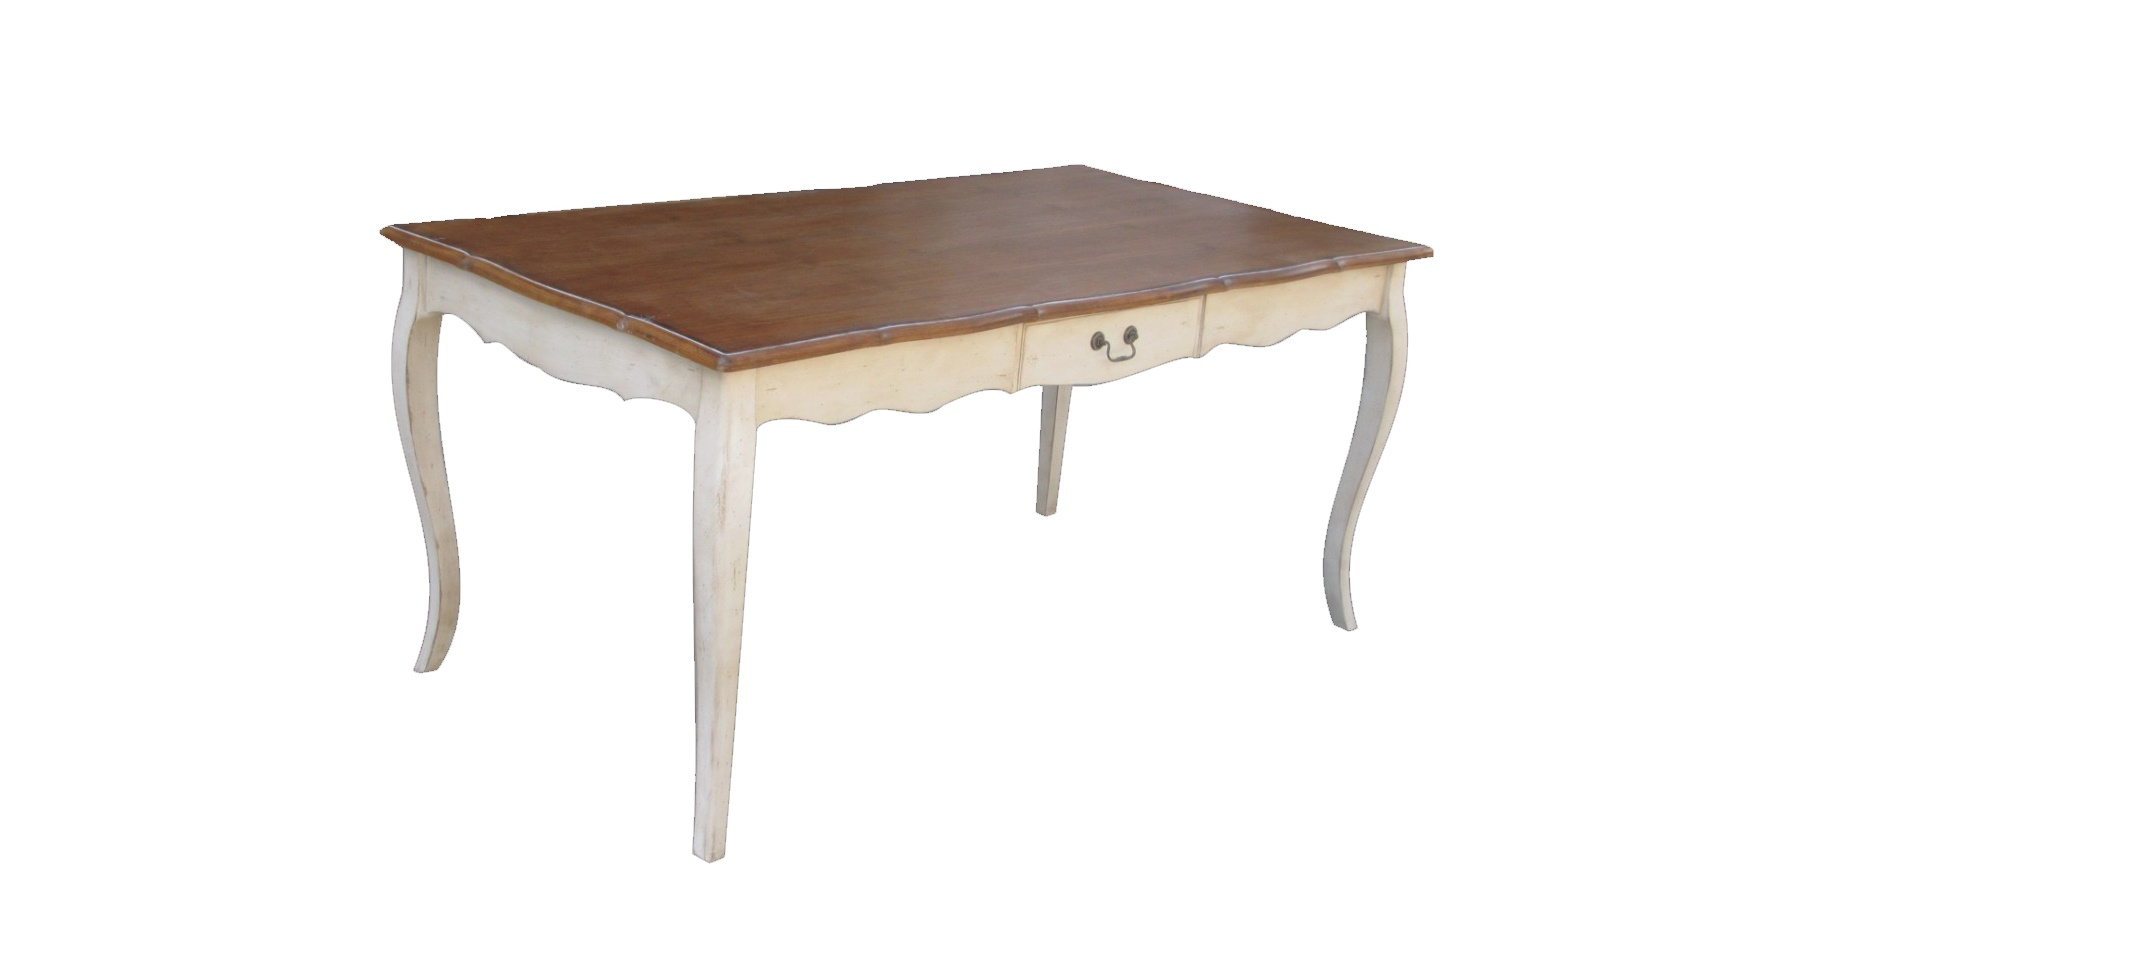 Стол обеденныйОбеденные столы<br>Этот обеденный стол позволит вам собрать за вкусным ужином всю семью и близких друзей. Он приманит их не только аппетитными блюдами, но и завораживающим обликом. Изящные резные детали, чья притягательность подчеркнута изогнутыми ножками, создадут образ, полный шарма. Контраст цветовой гаммы усилит очарование прованского стиля, для которого так подходит светлая и натуральная гамма.<br><br>Material: Дерево<br>Length см: 145<br>Width см: 85<br>Height см: 77